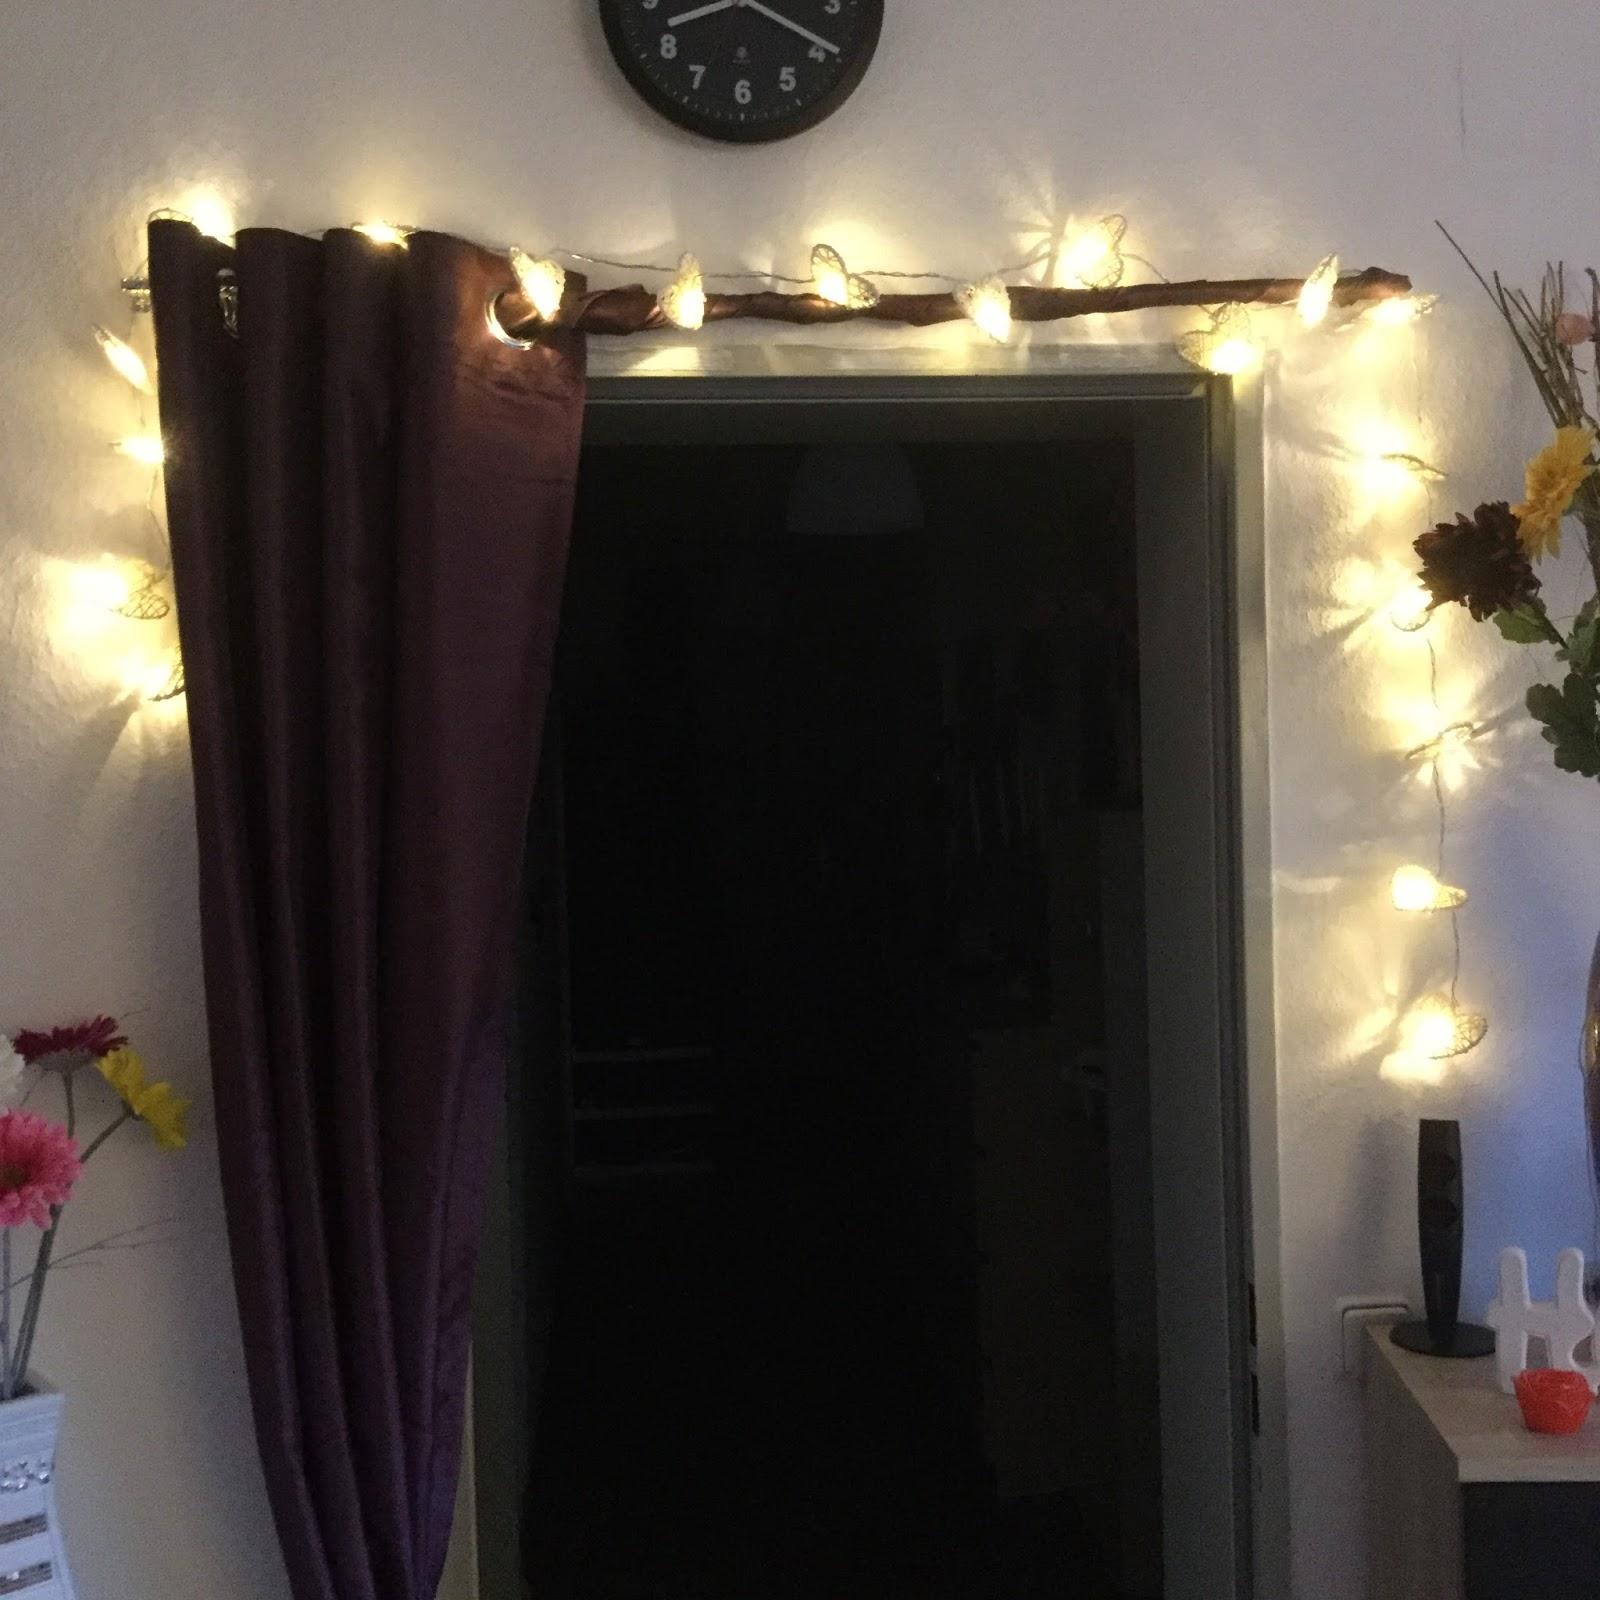 Lahr2006 testet led herz lichterkette 20er partylichterkette weihnachtslichterketten deko f r - Weihnachtslichterketten innen ...